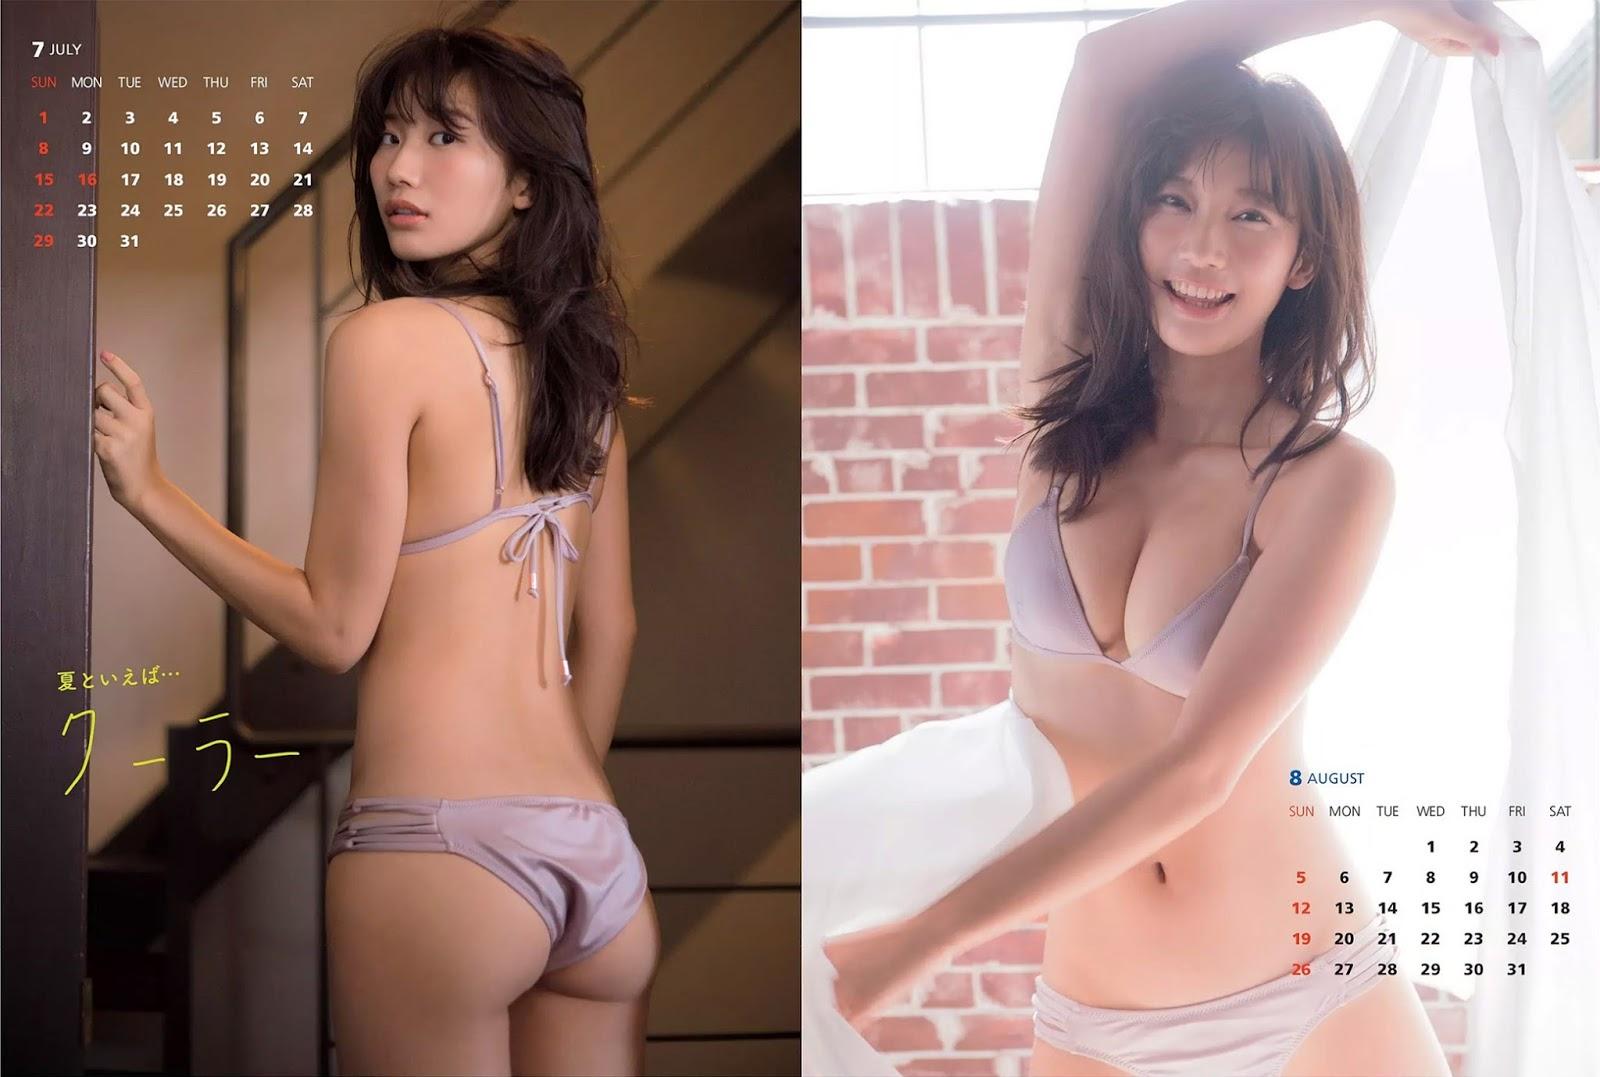 Yuka Ogura 小倉優香, FLASH 電子版 2017.12.05 (フラッシュ 2017年12月05日号)